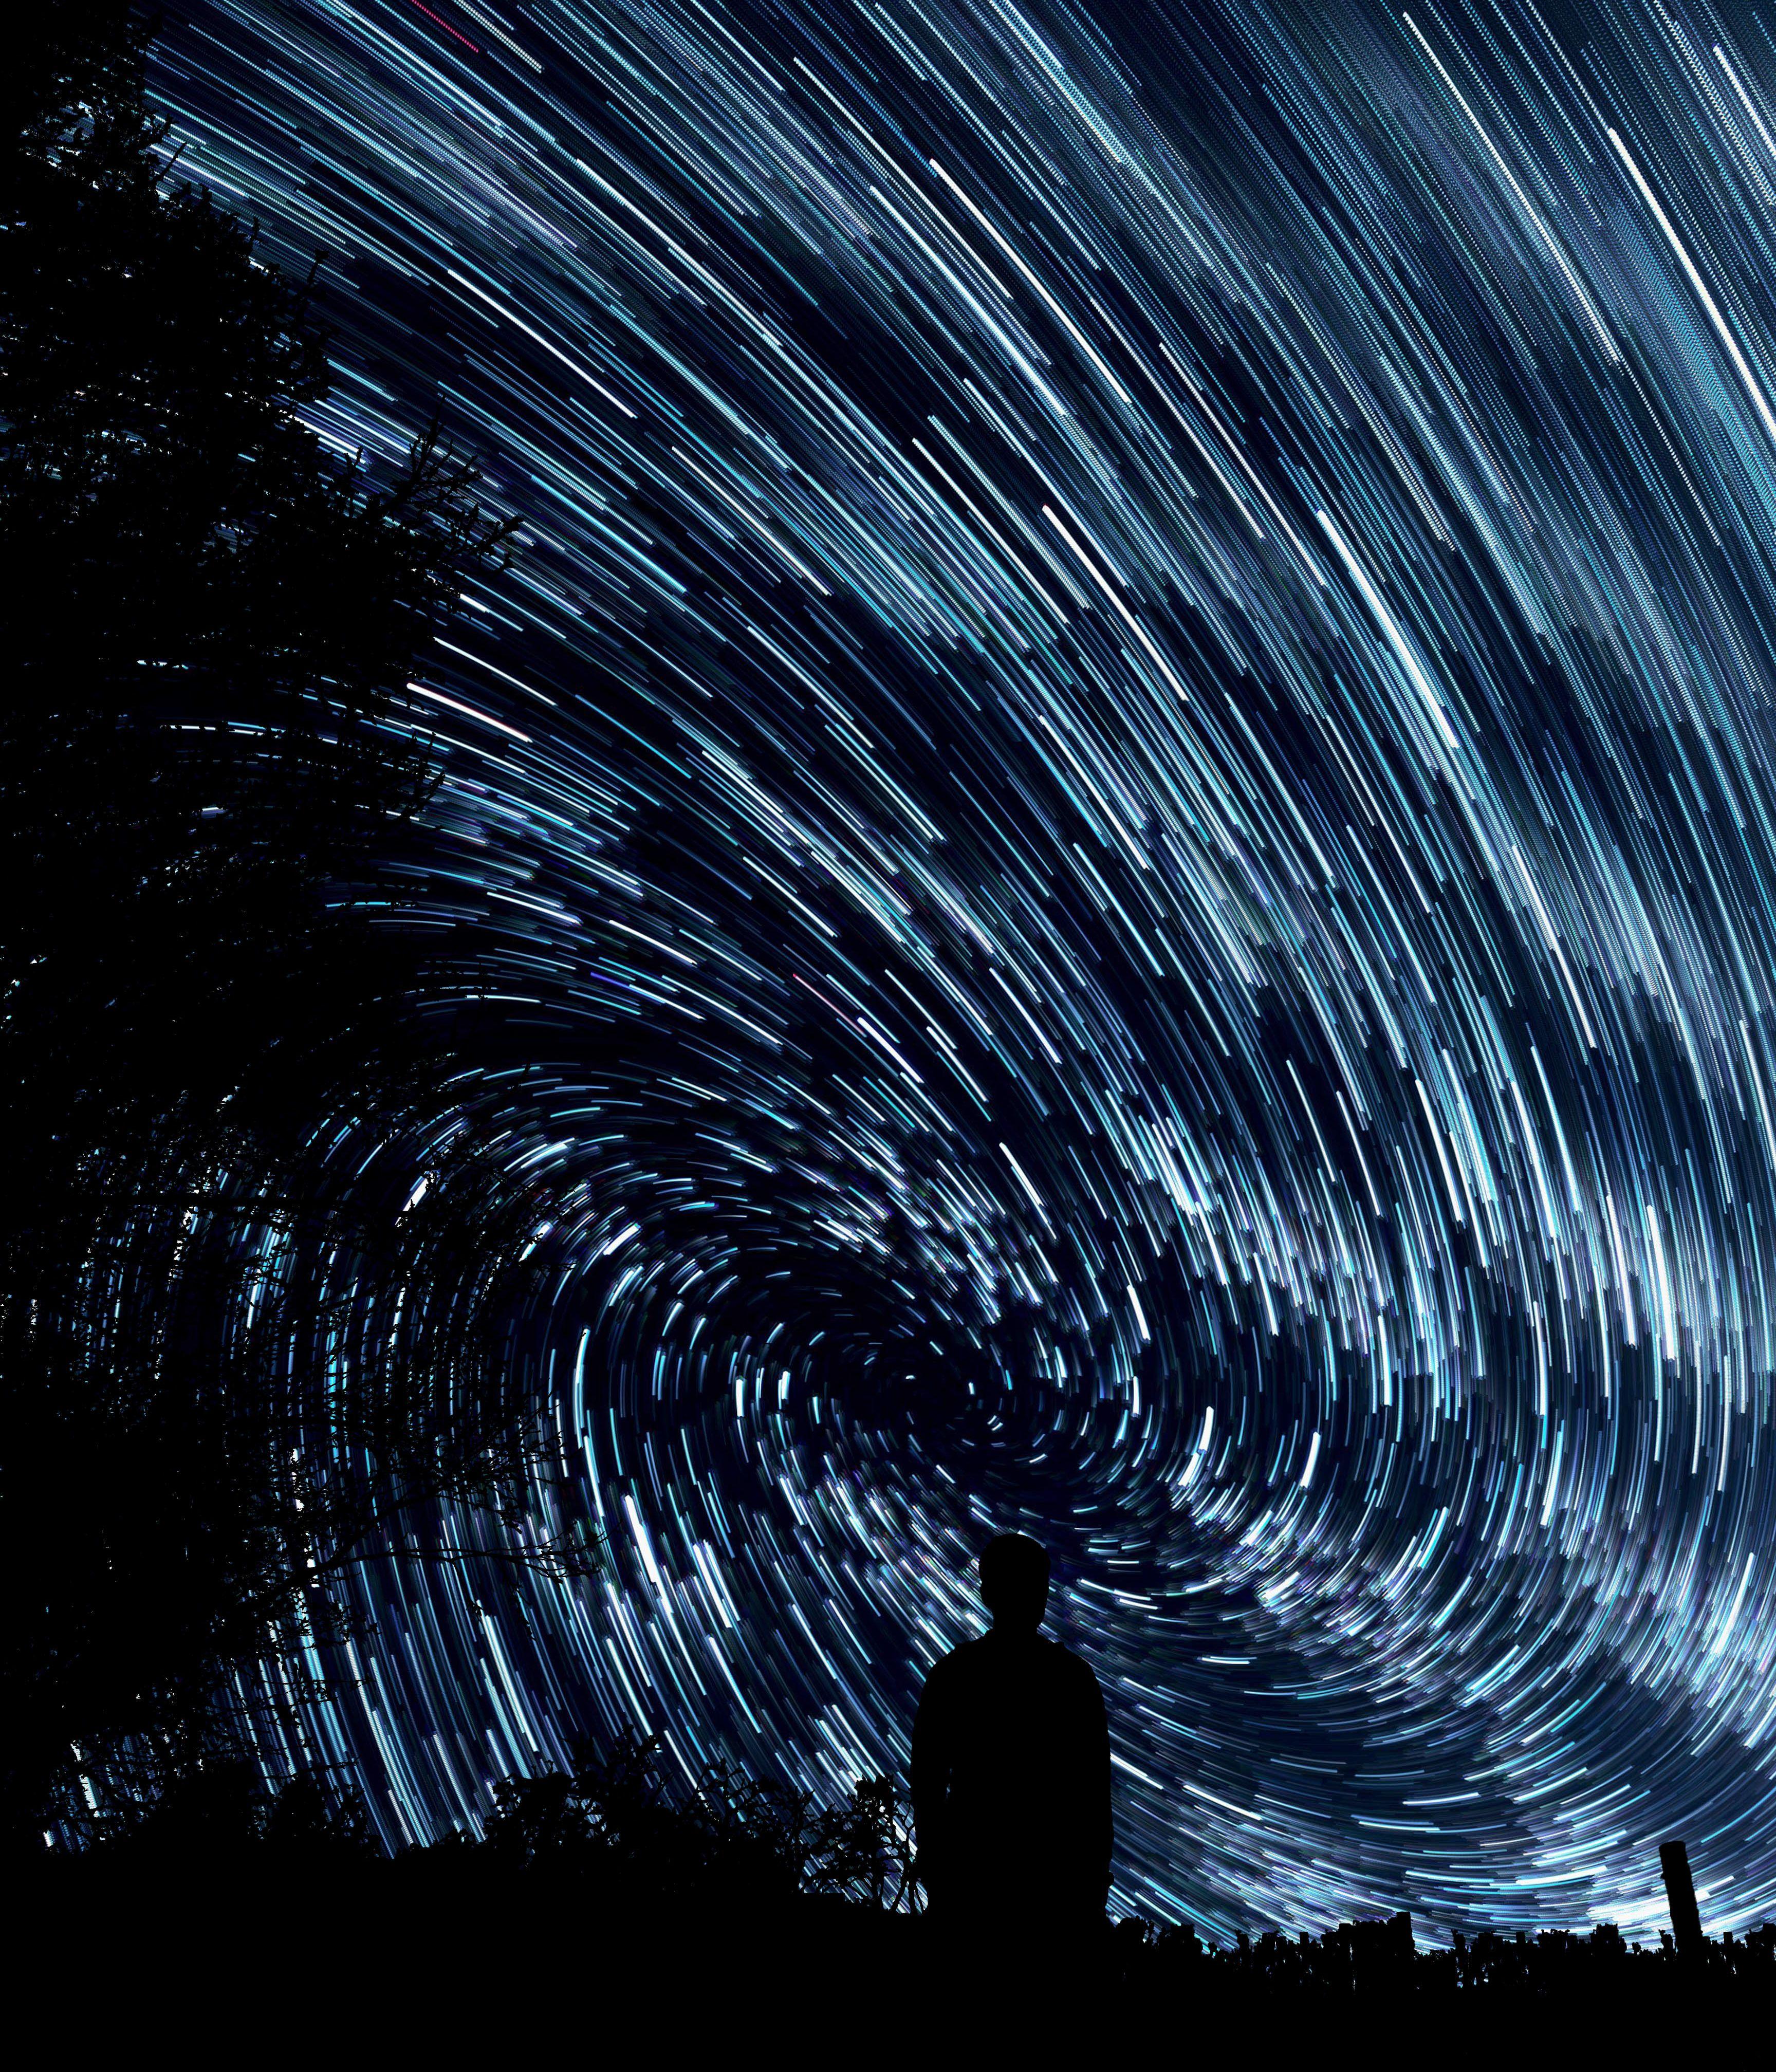 A photo by Jeremy Thomas. unsplash.com/photos/rMmibFe4czY